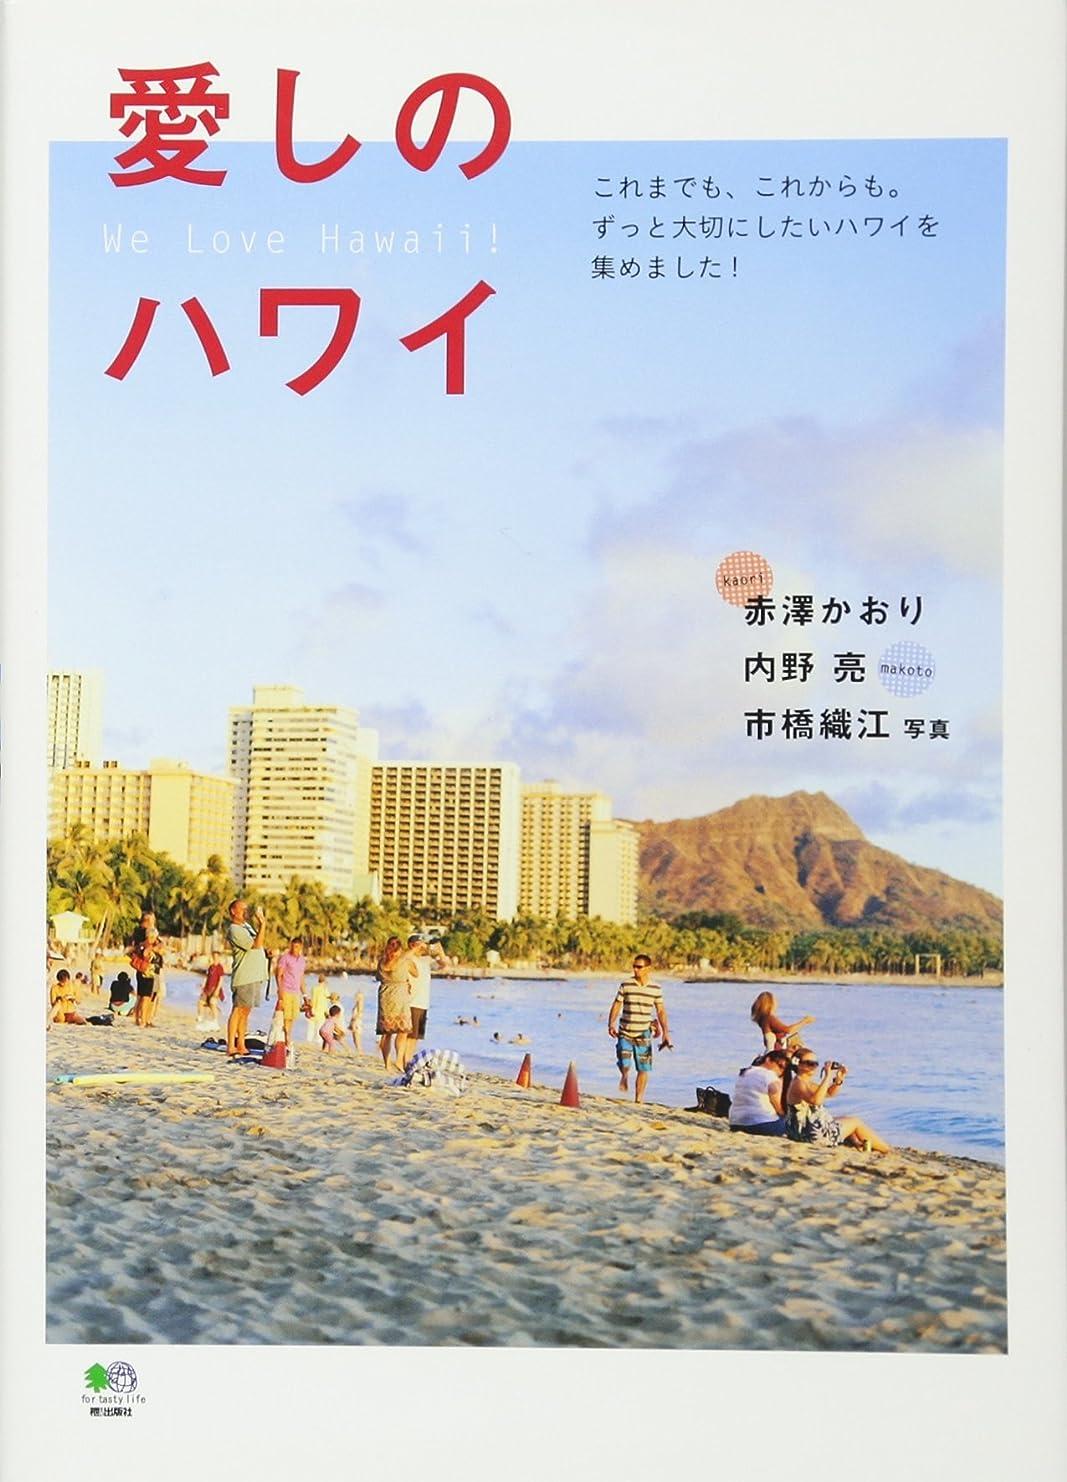 悲観的展示会アームストロング愛しのハワイ